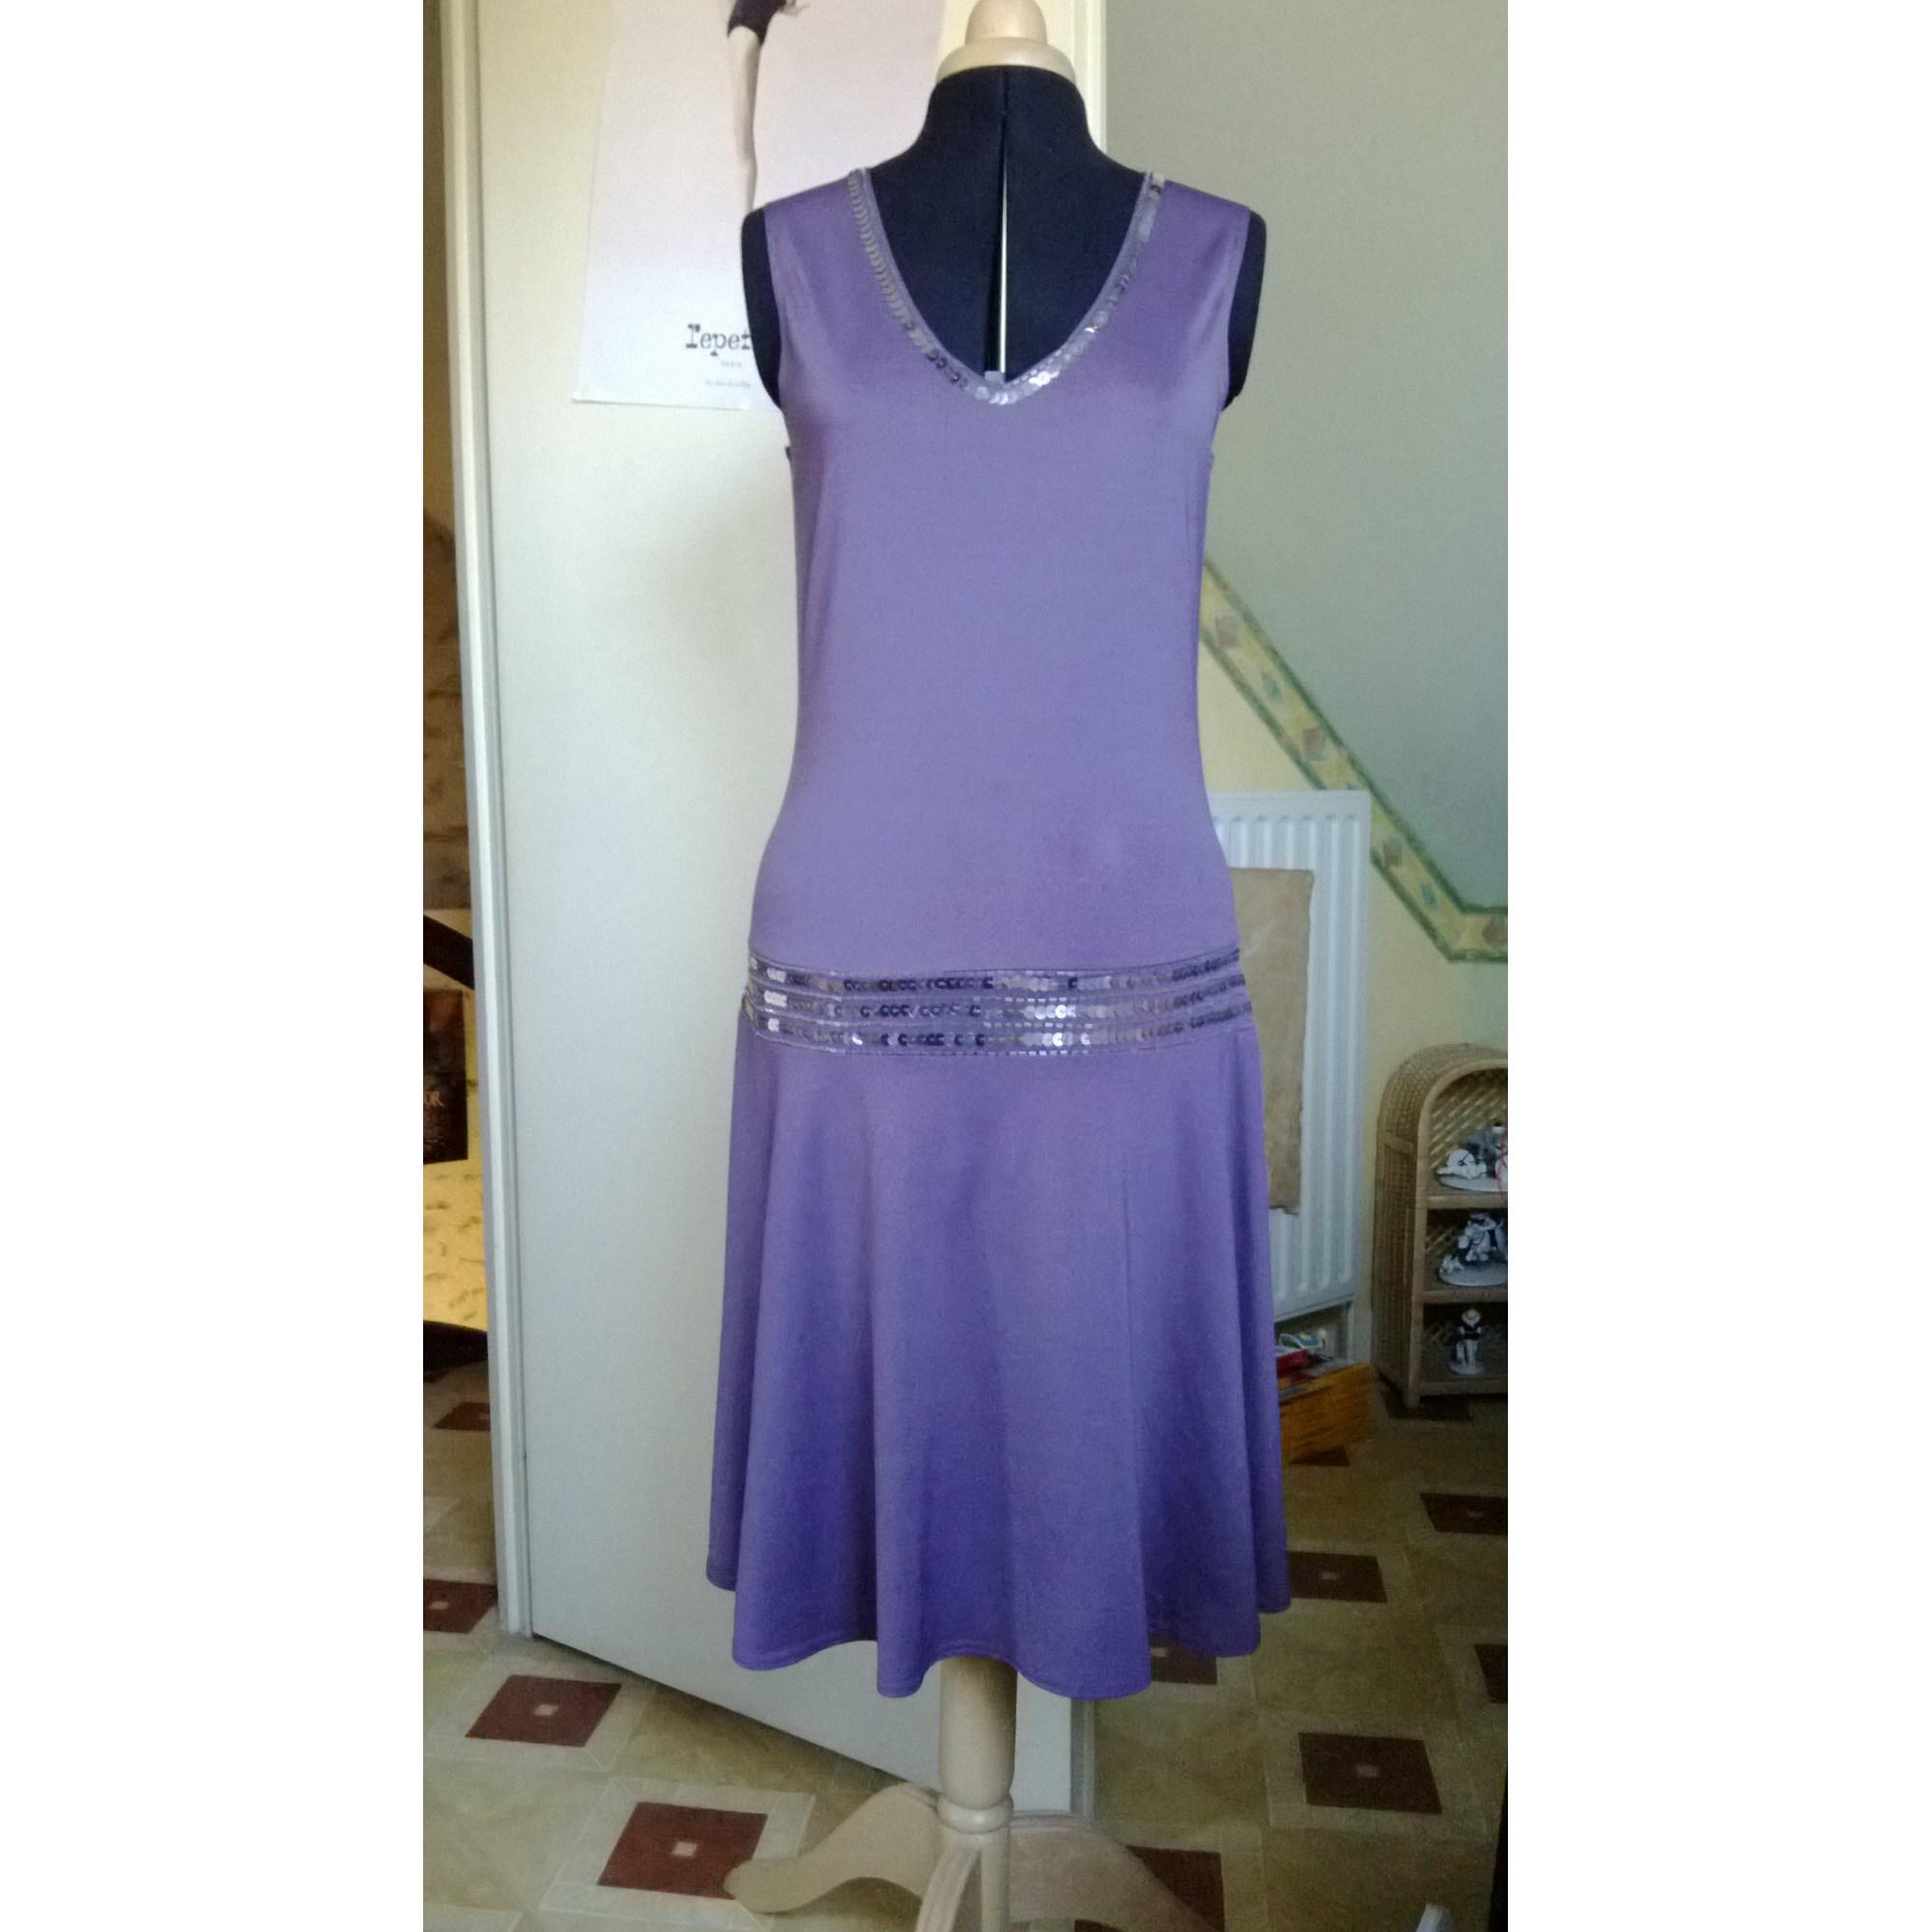 e69b57805b7 Robe courte VOTRE MODE 3 SUISSES Violet